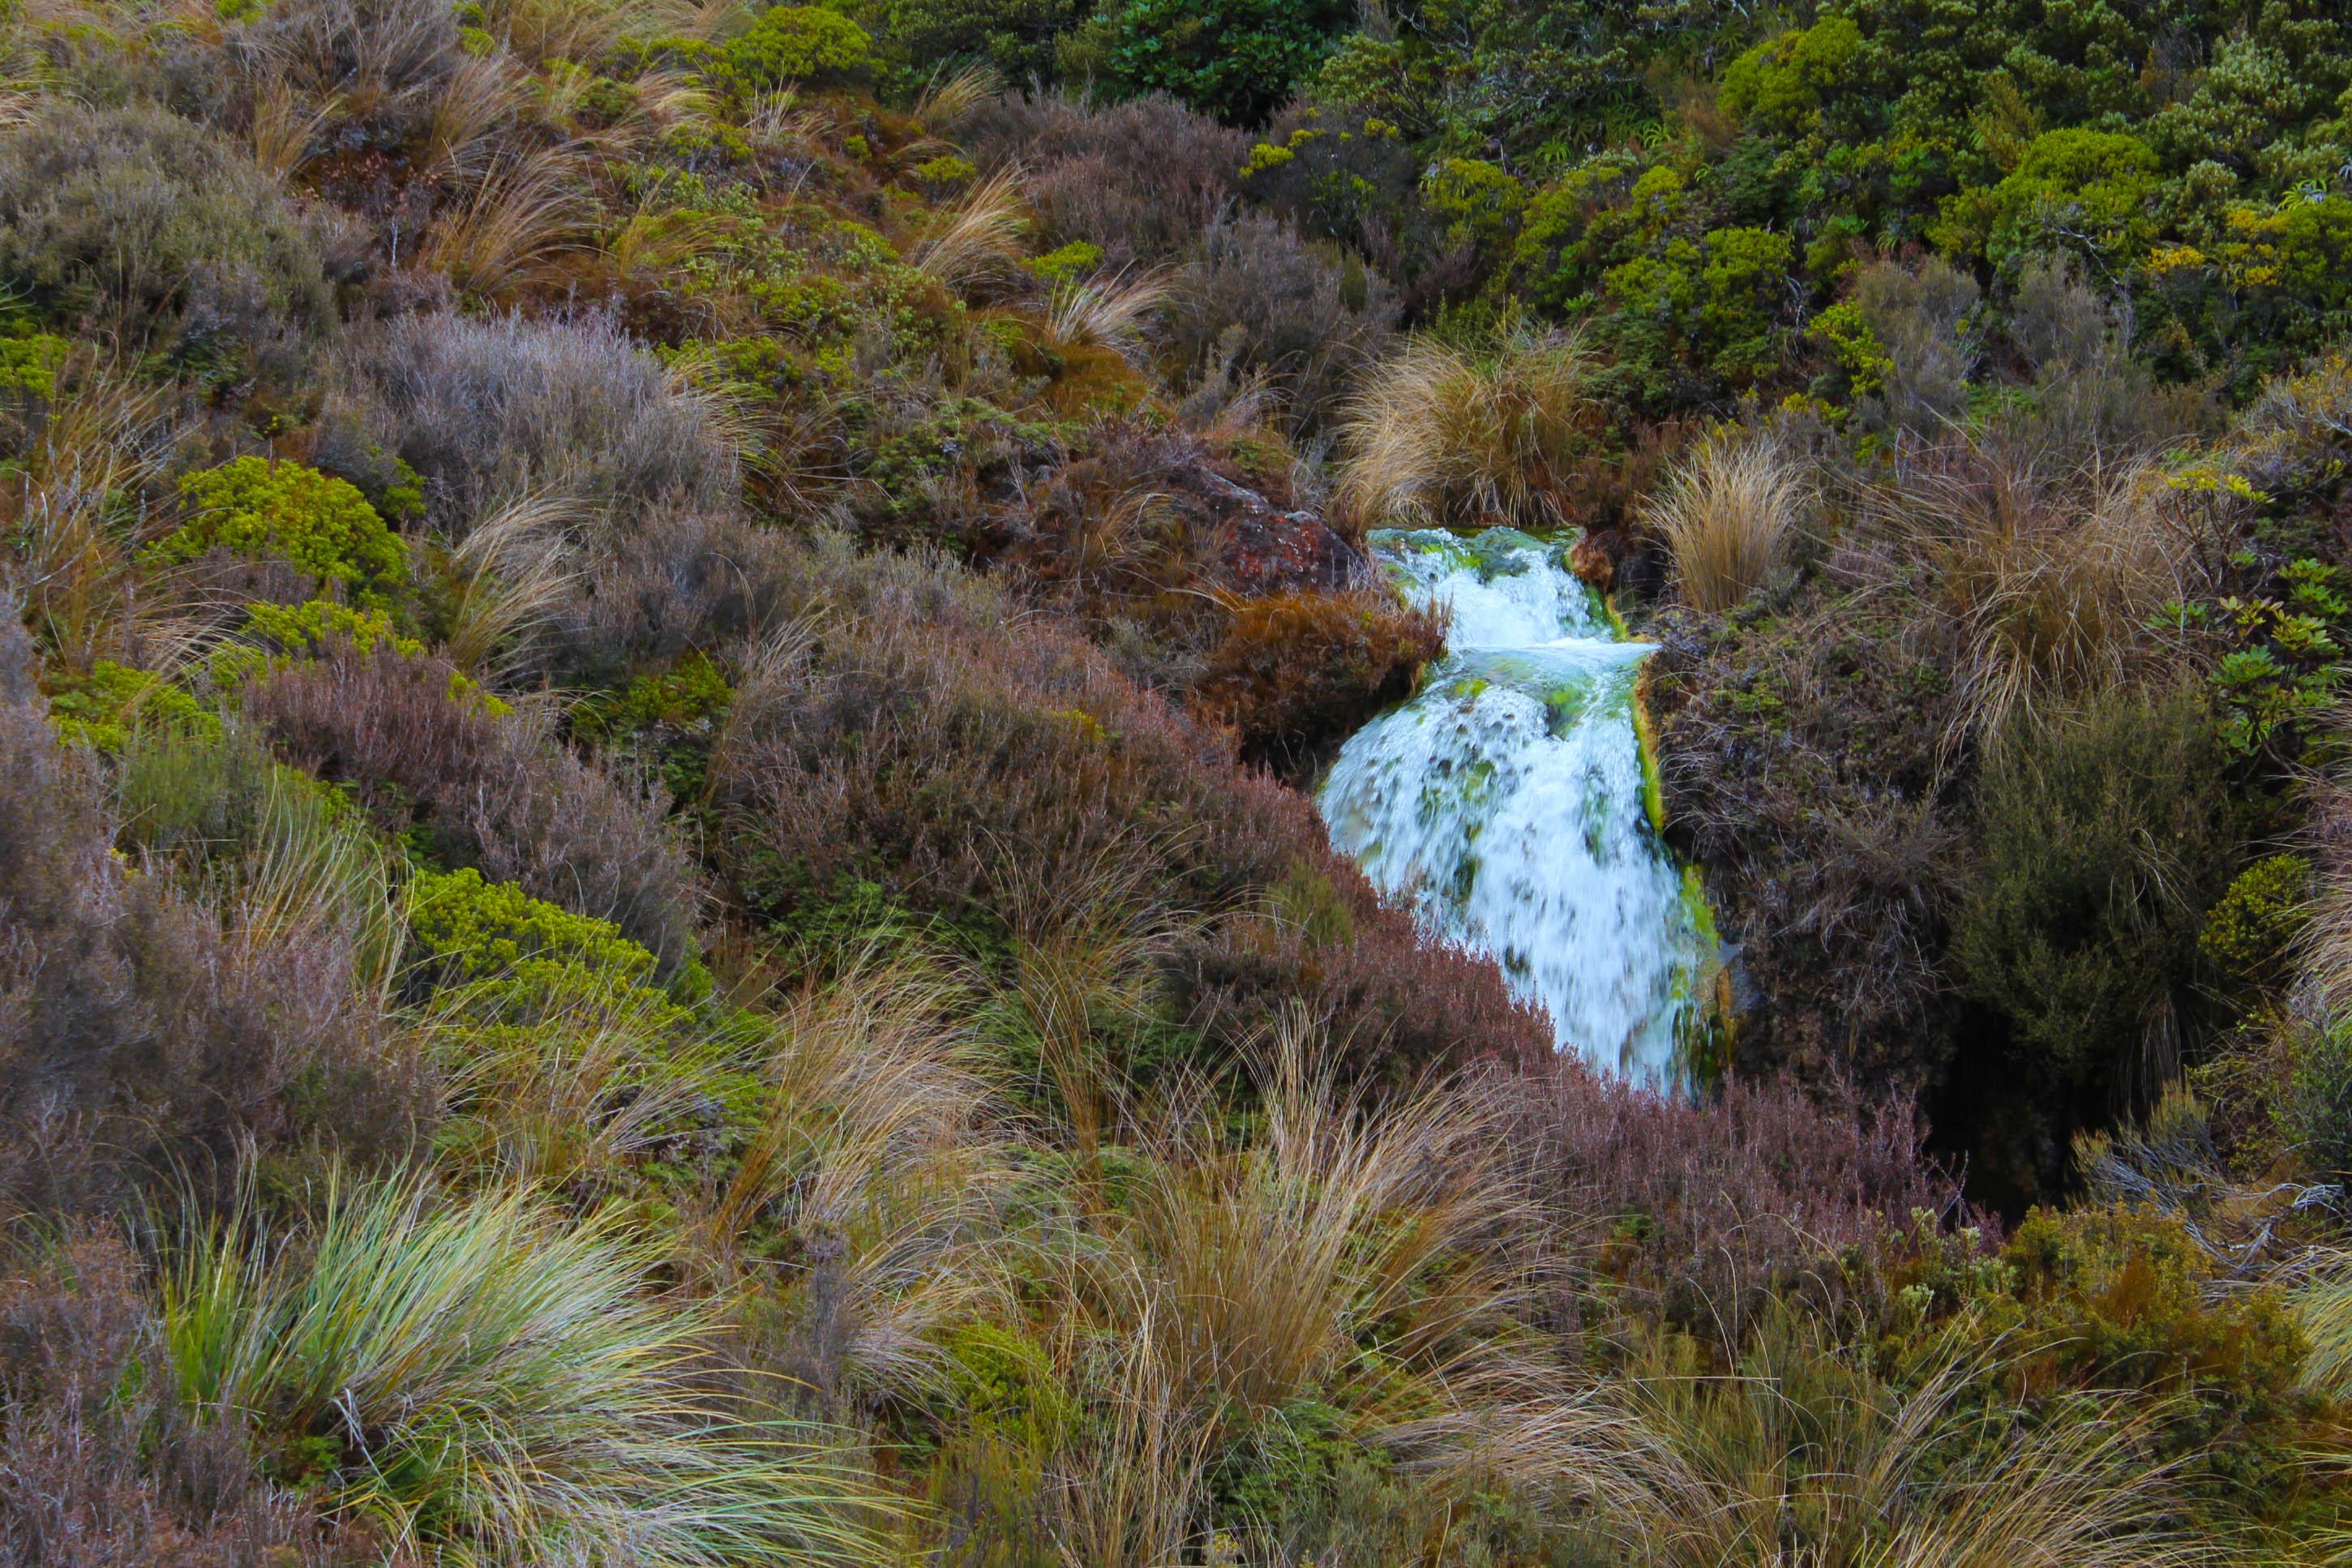 Nouvelle Zélande - Tongariri national parc - Les lubies de louise (12 sur 25)